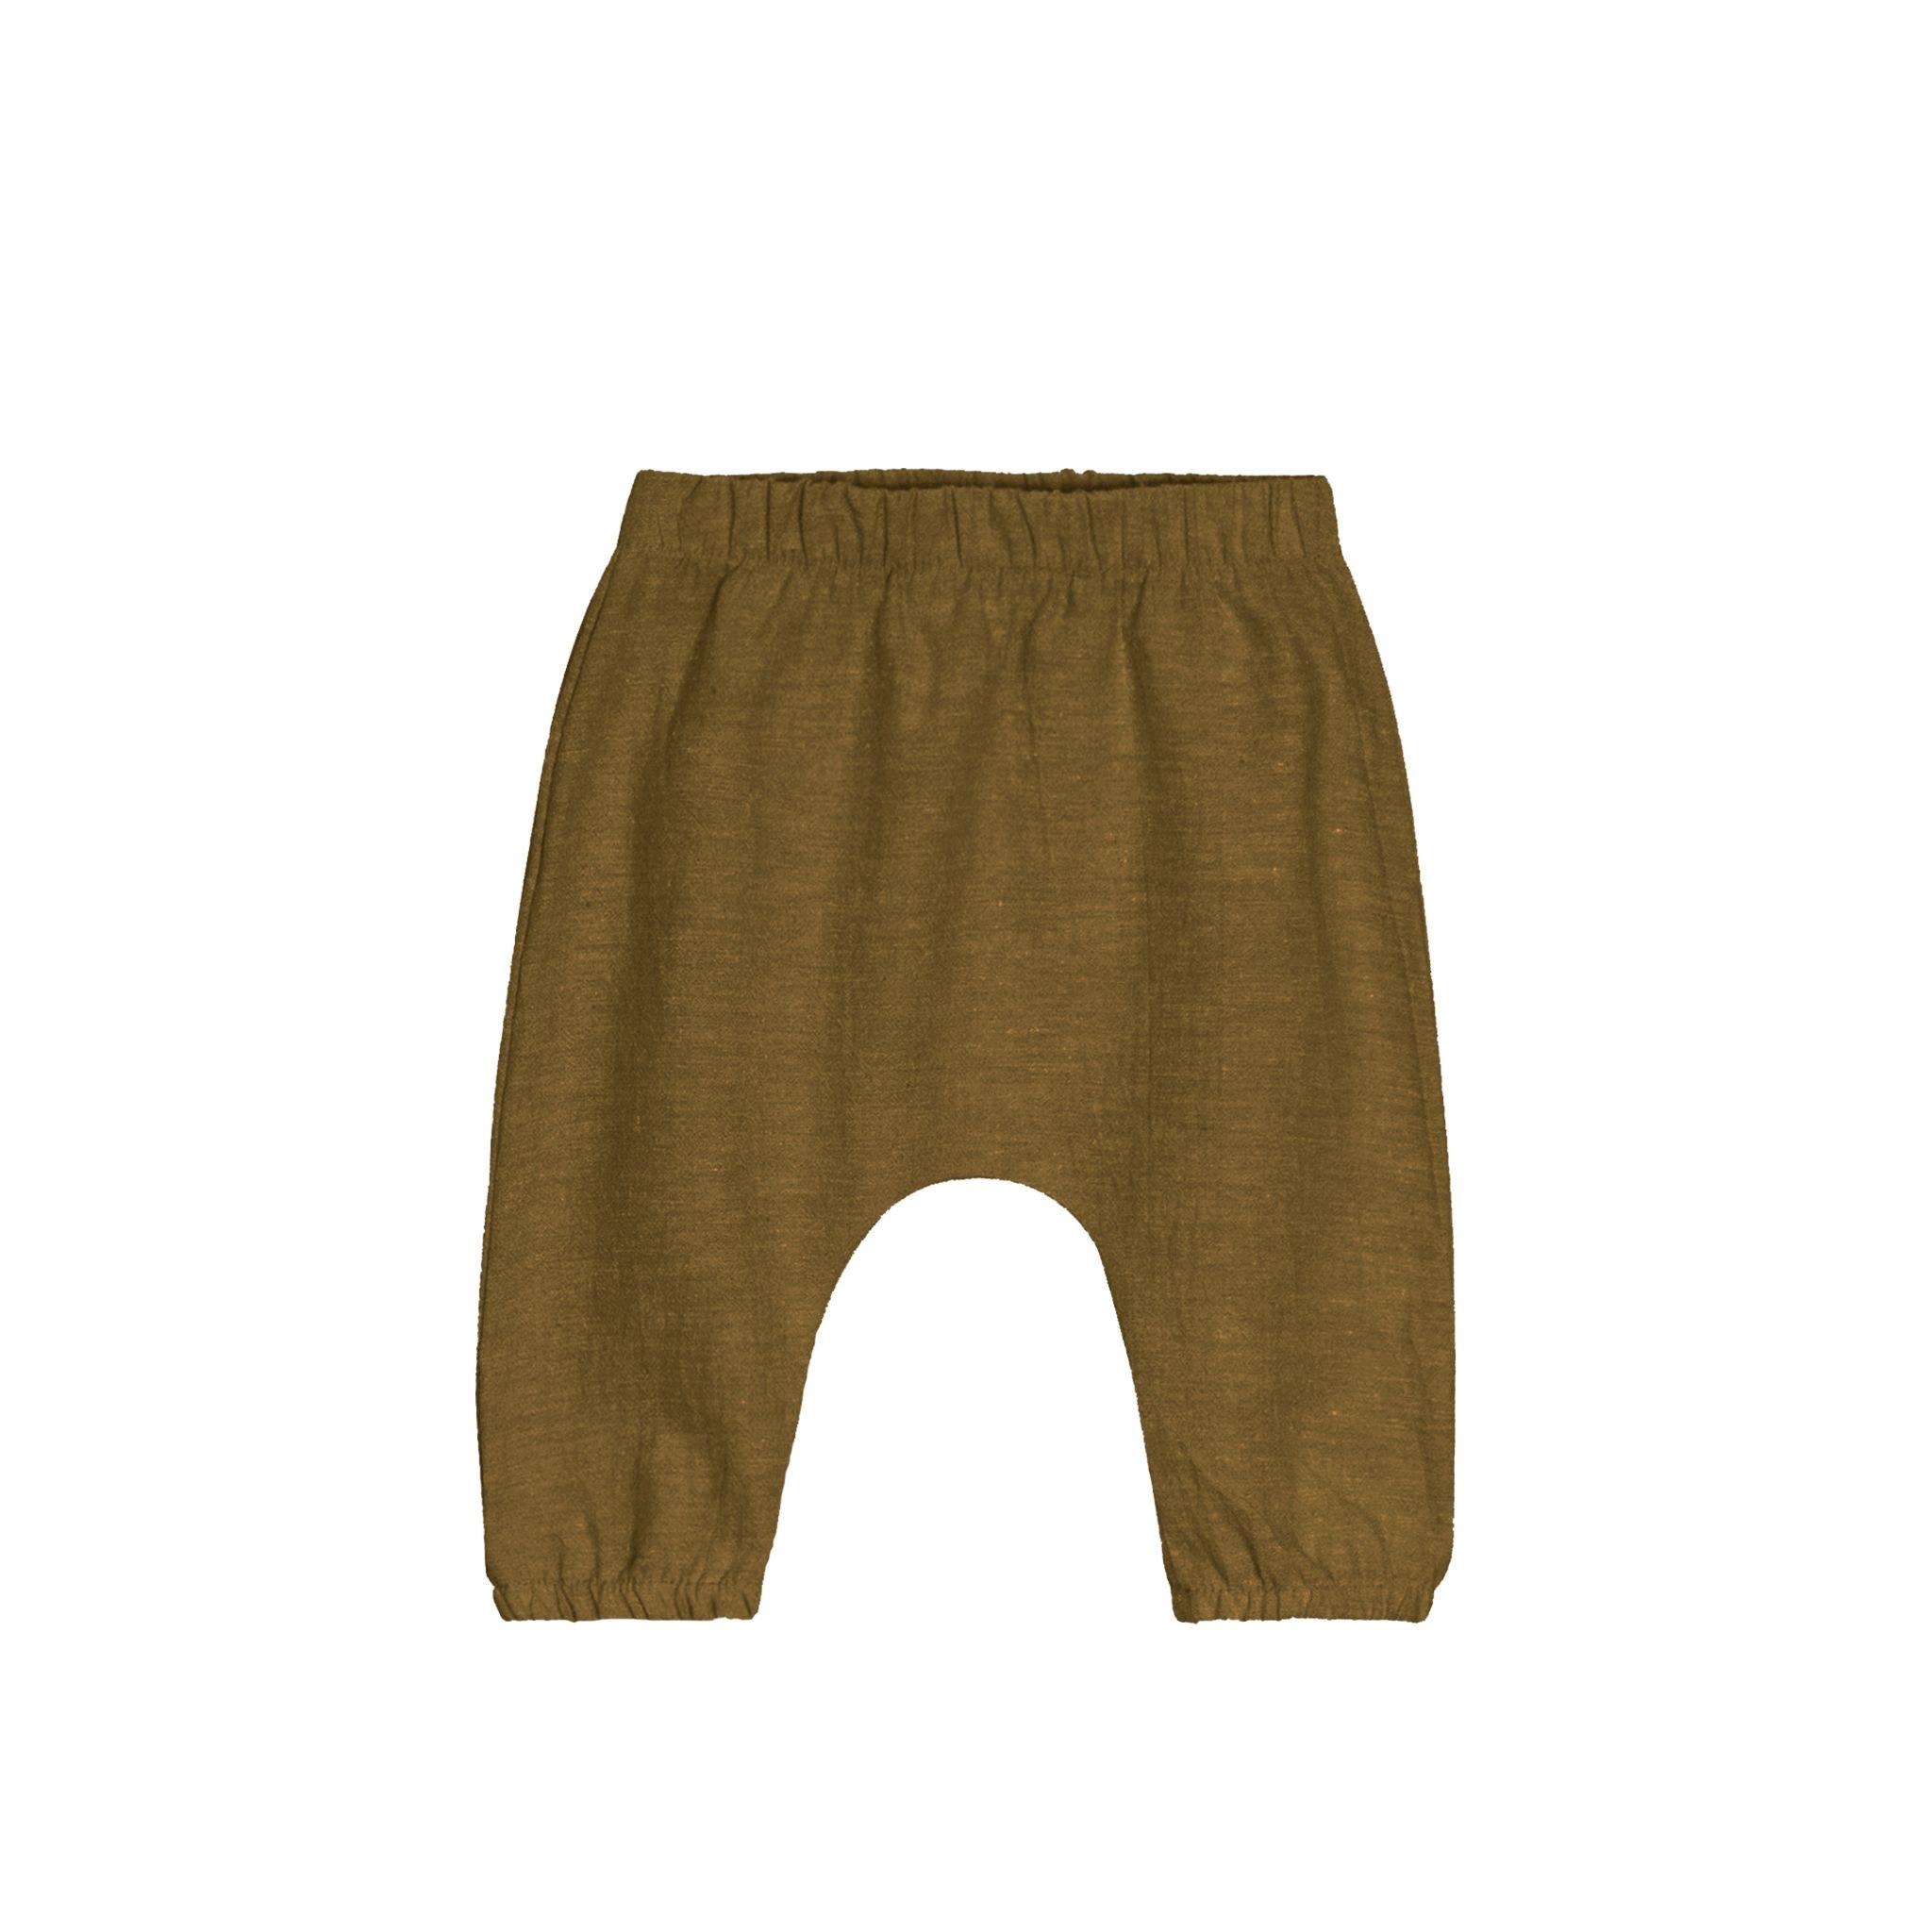 GOGENTLYNATION Woven Baby Pant